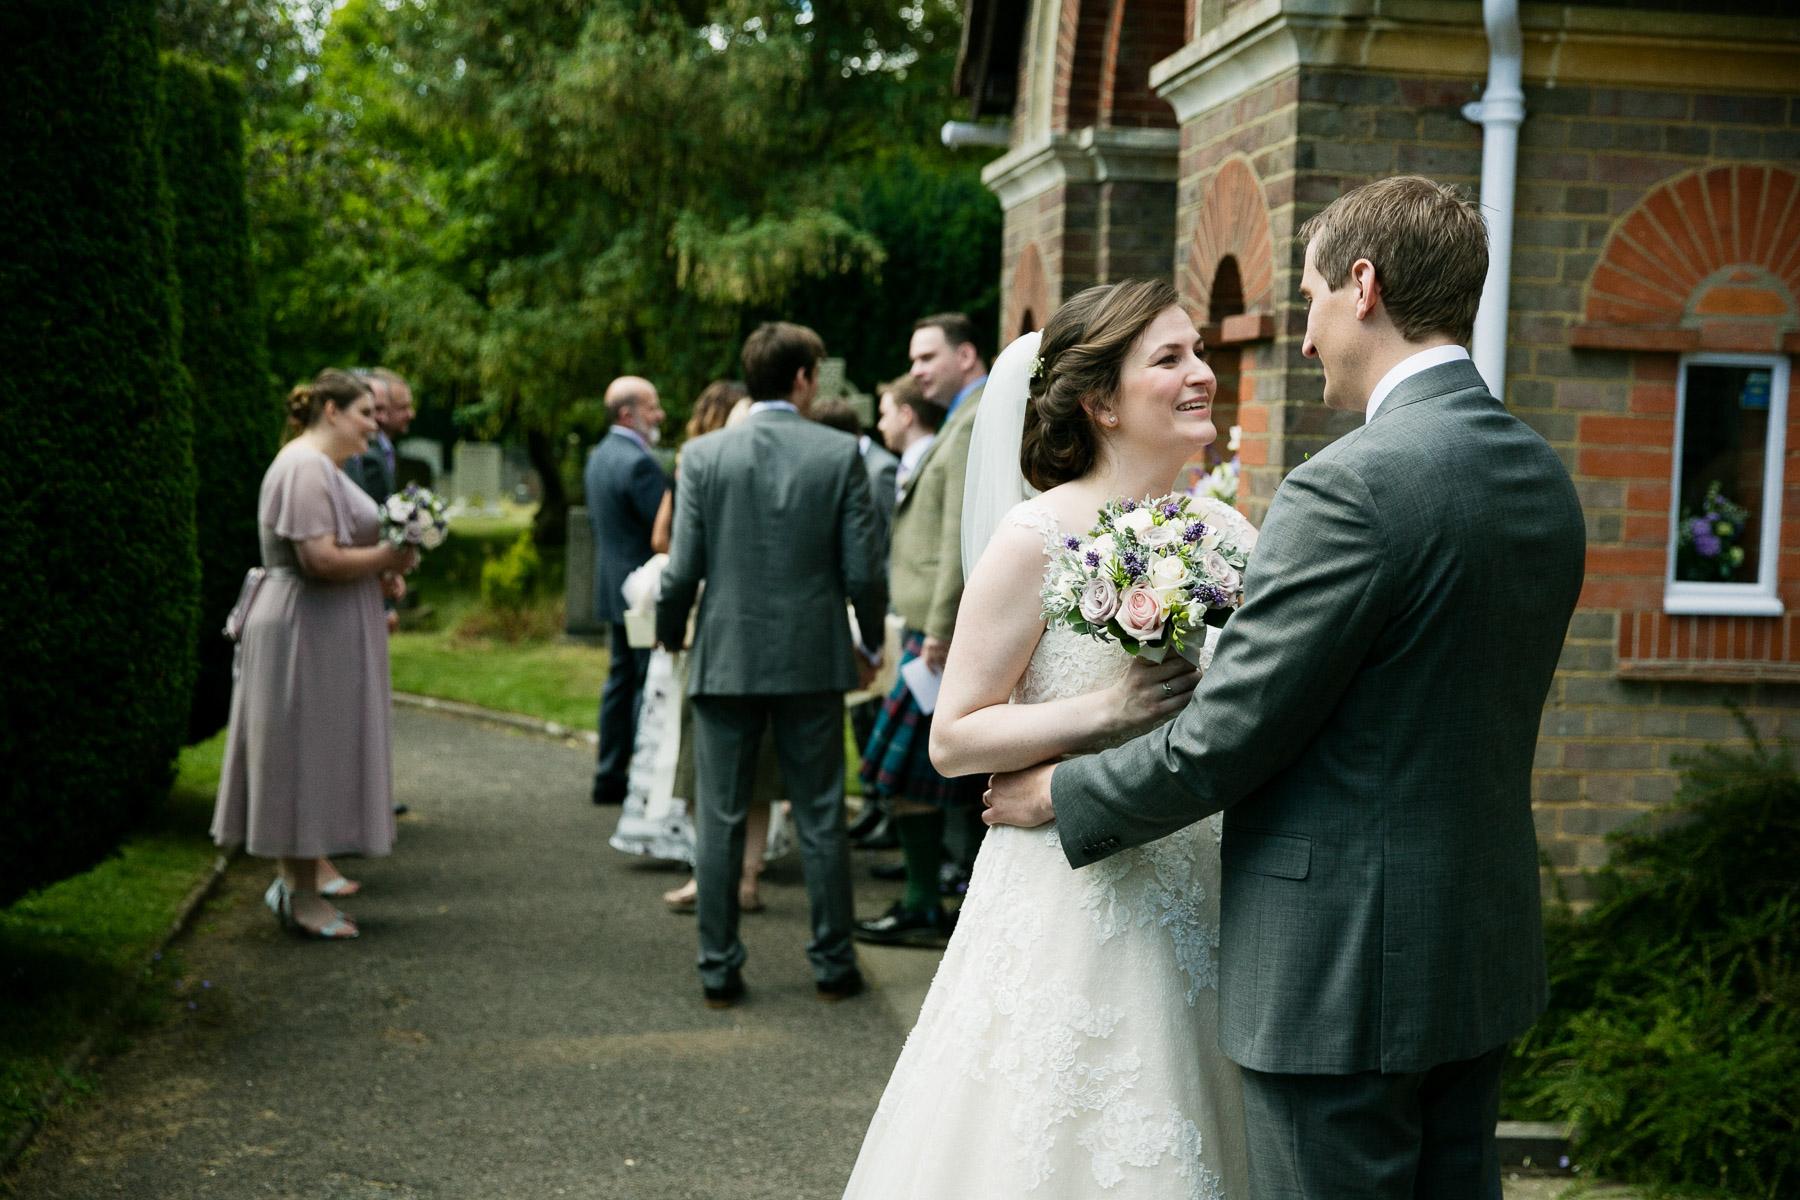 wedding portfolio 25-09-17  085.jpg